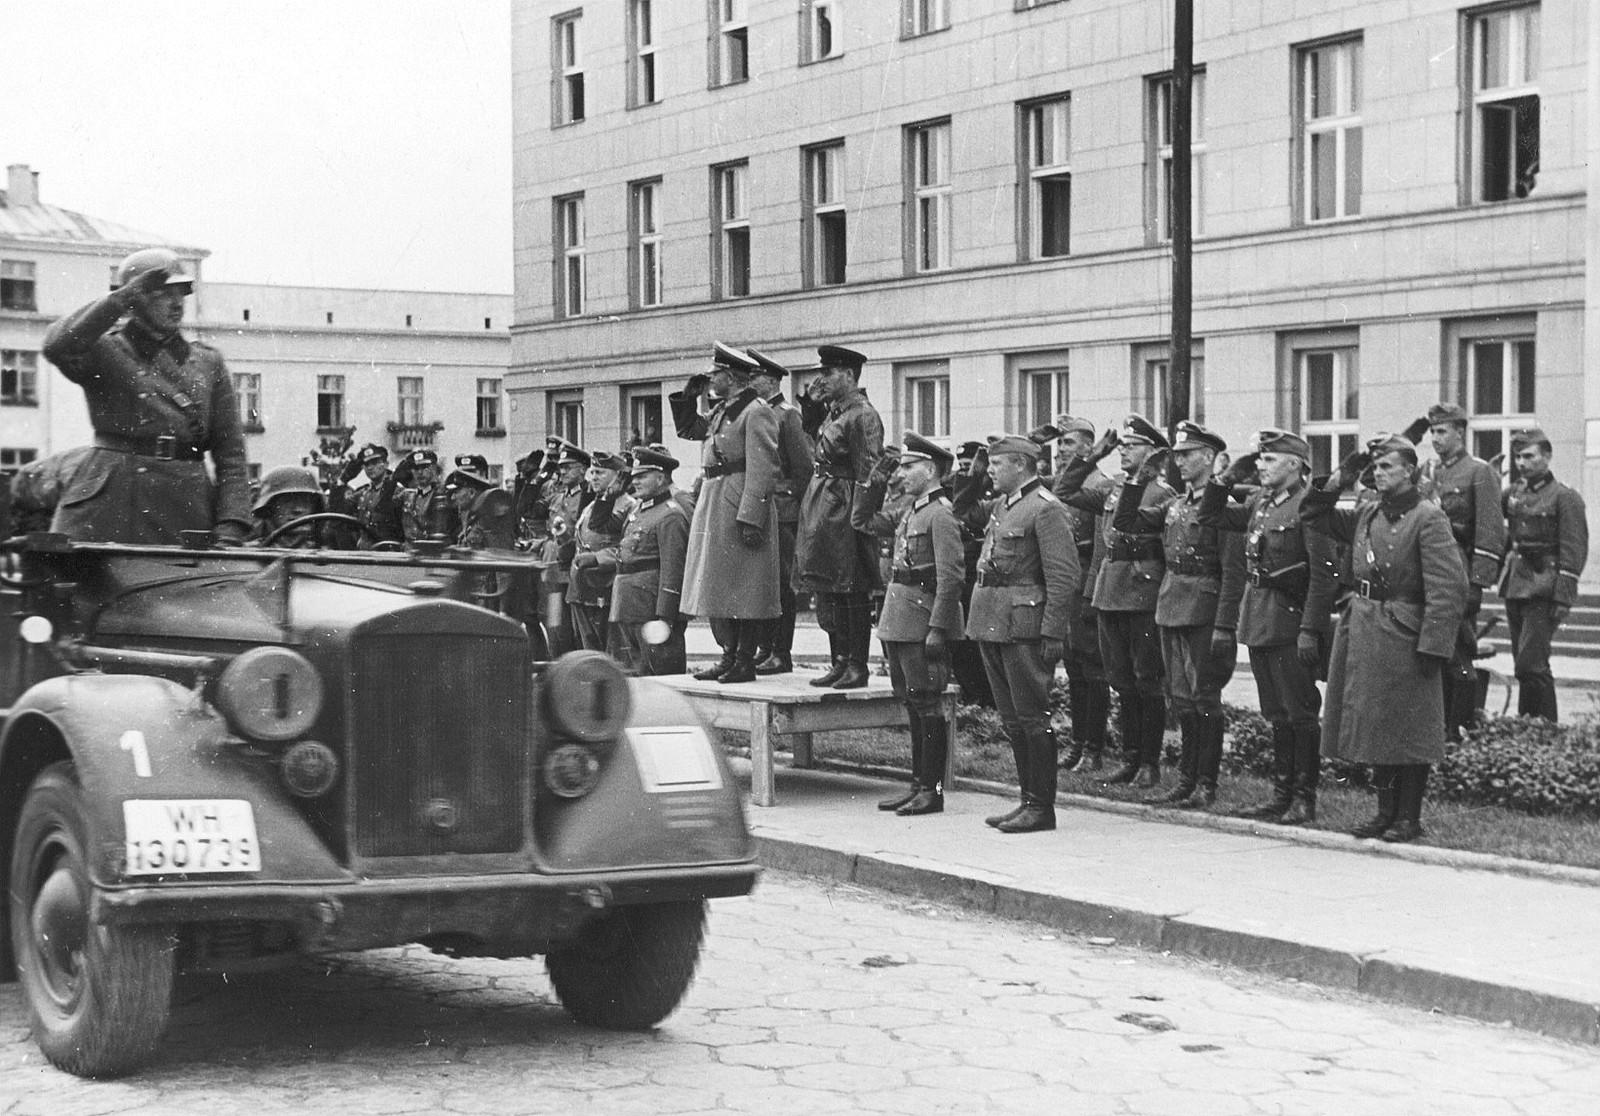 Генерал Гудеріан і комбриг Кривошеїн приймають парад під час передачі міста Брест Червоній армії